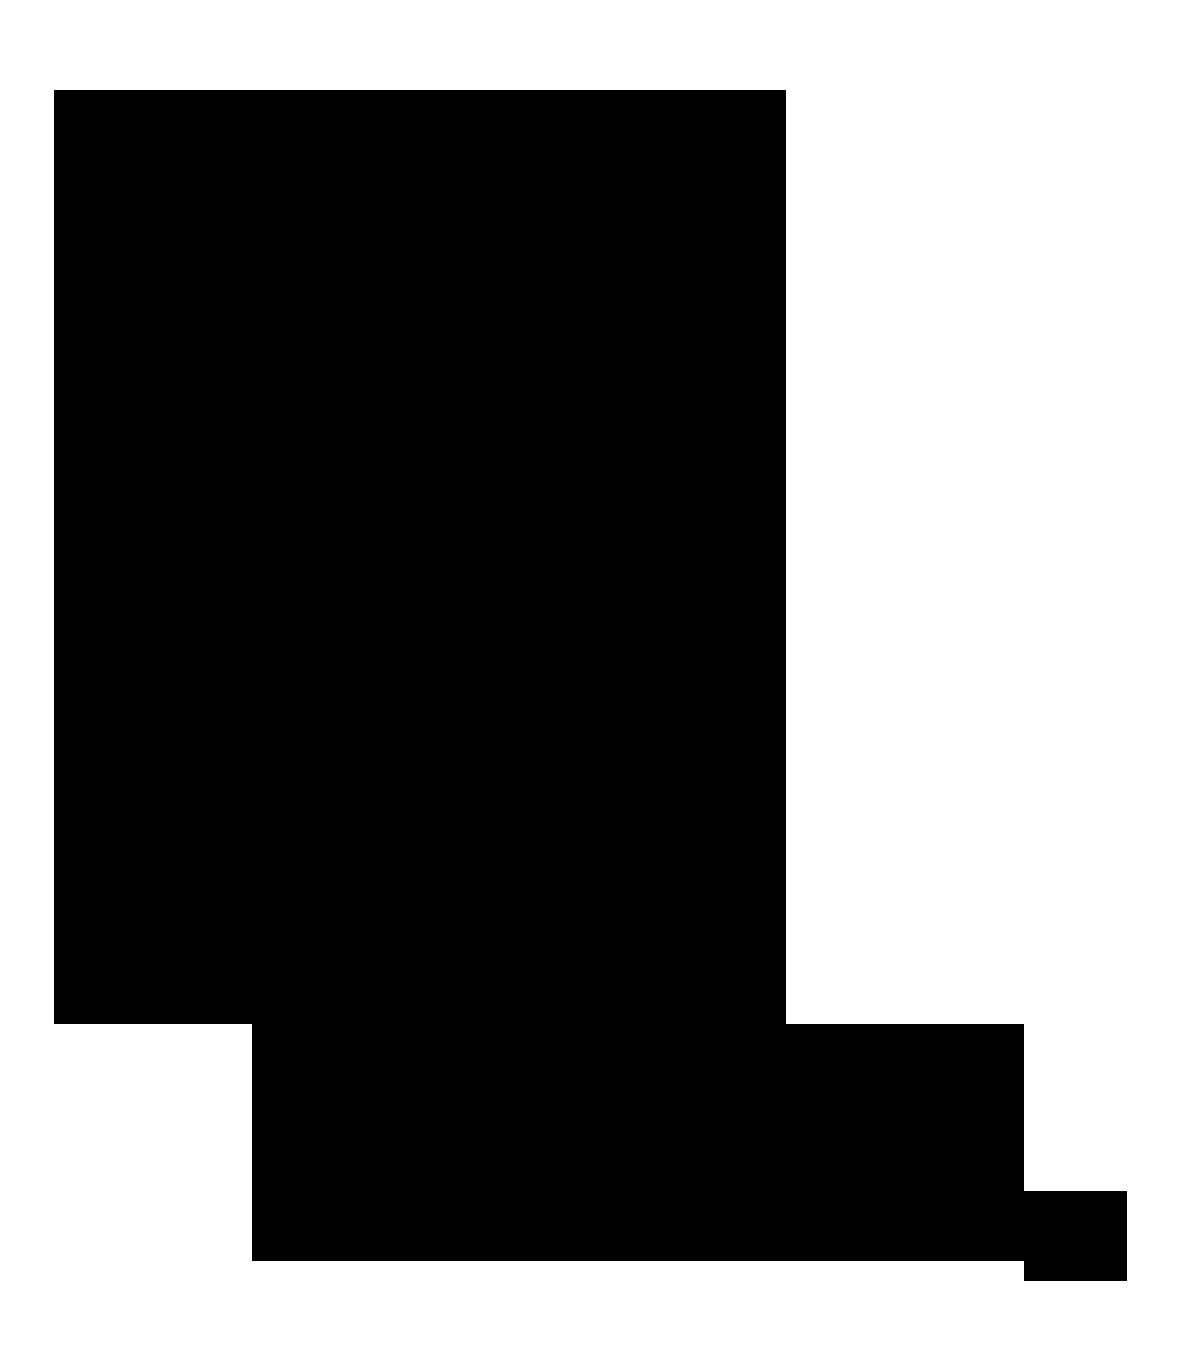 1181x1353 Black Cat Clipart Cat Outline